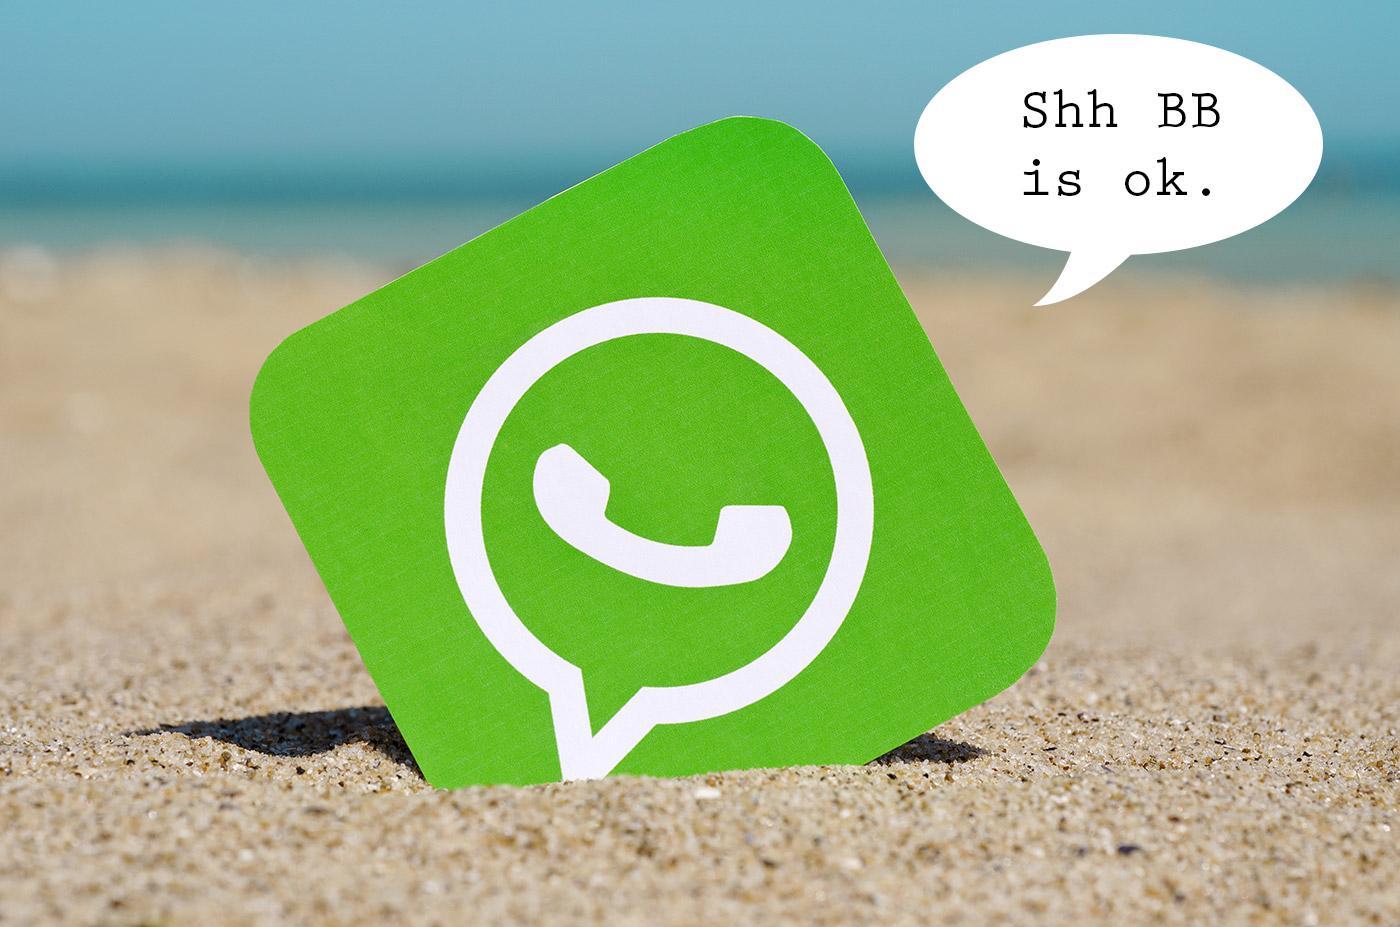 Как в WhatsApp скрыть от отправителя информацию о том, что вы прочитали его сообщение?